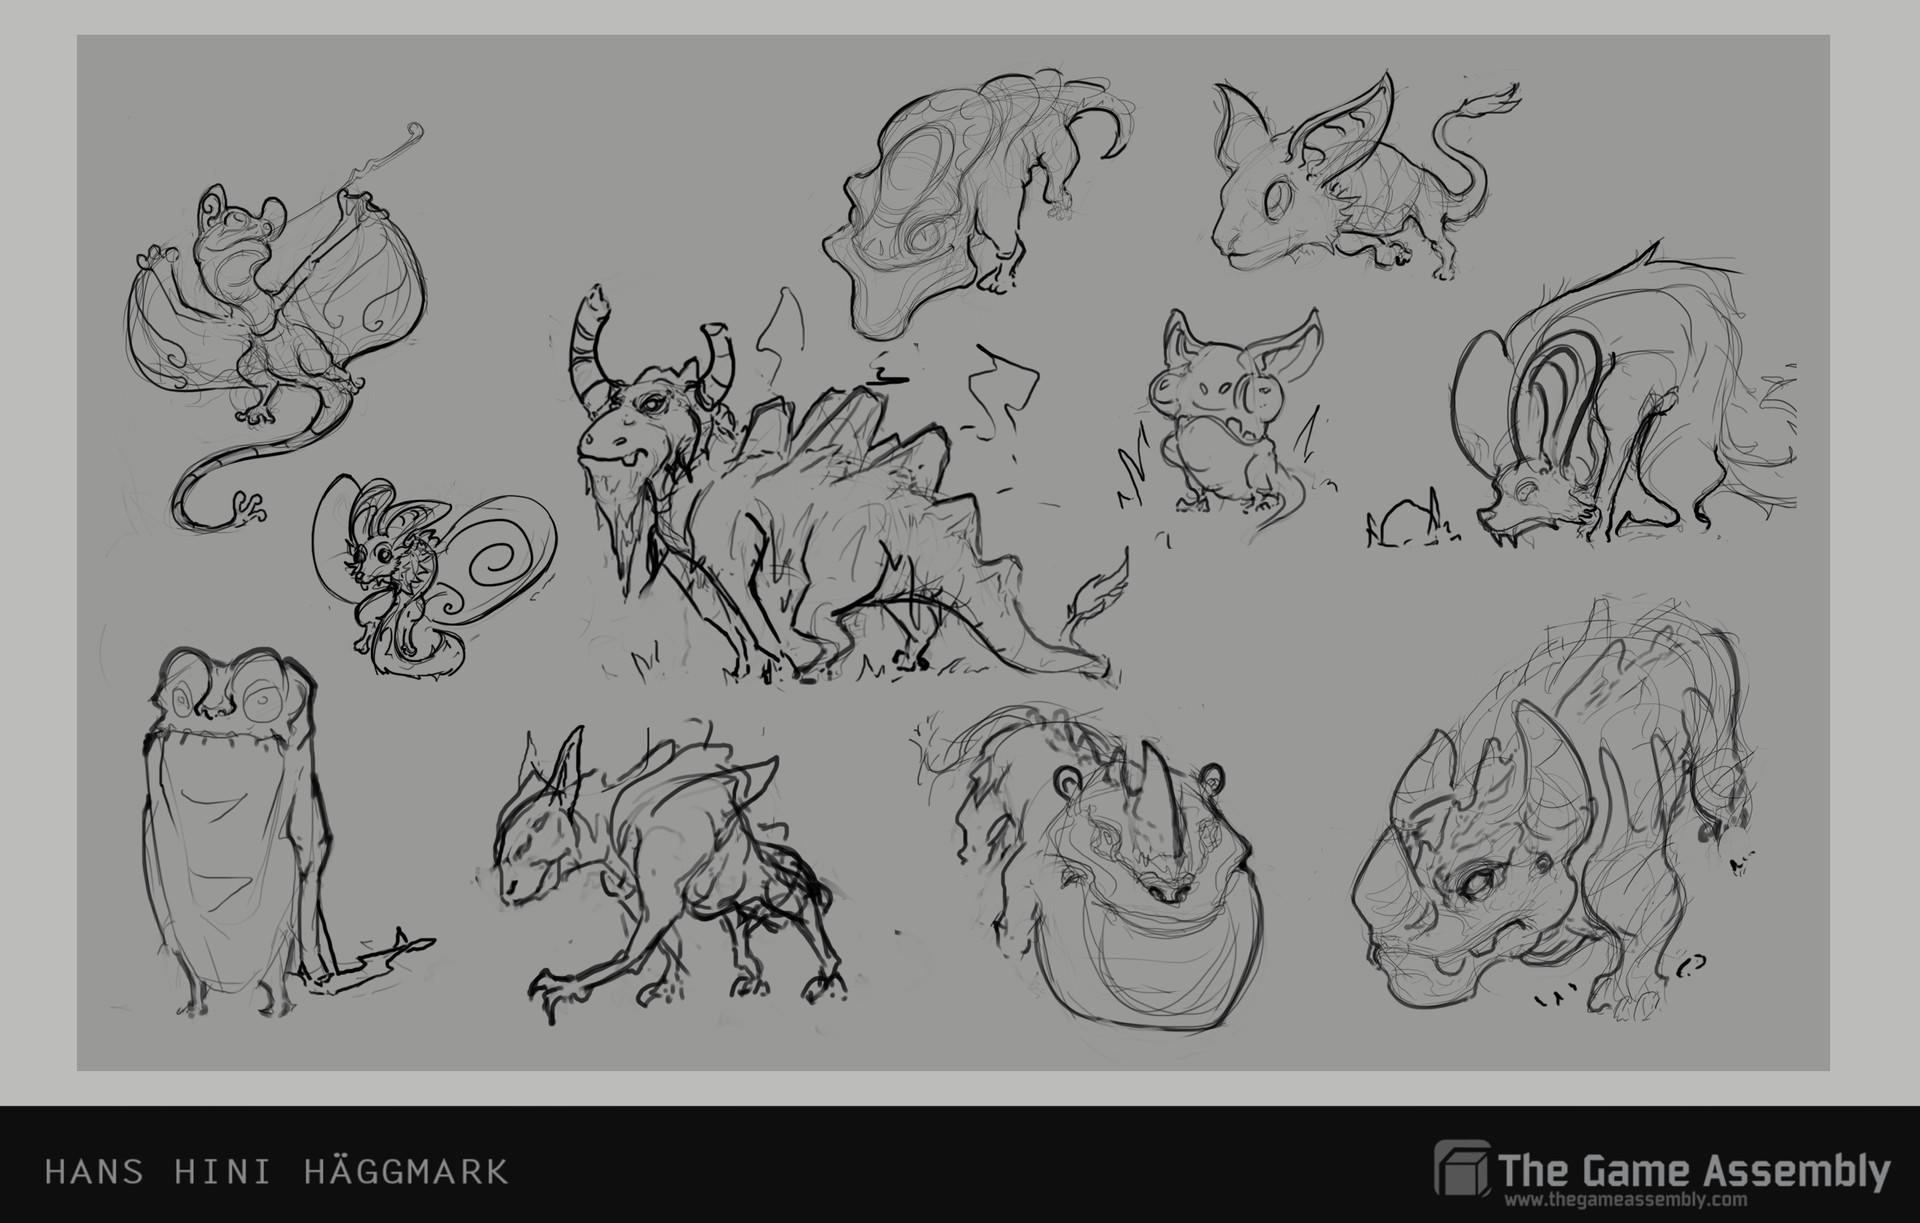 Hini haggmark fauna sketches 2 hanshinihaggmark